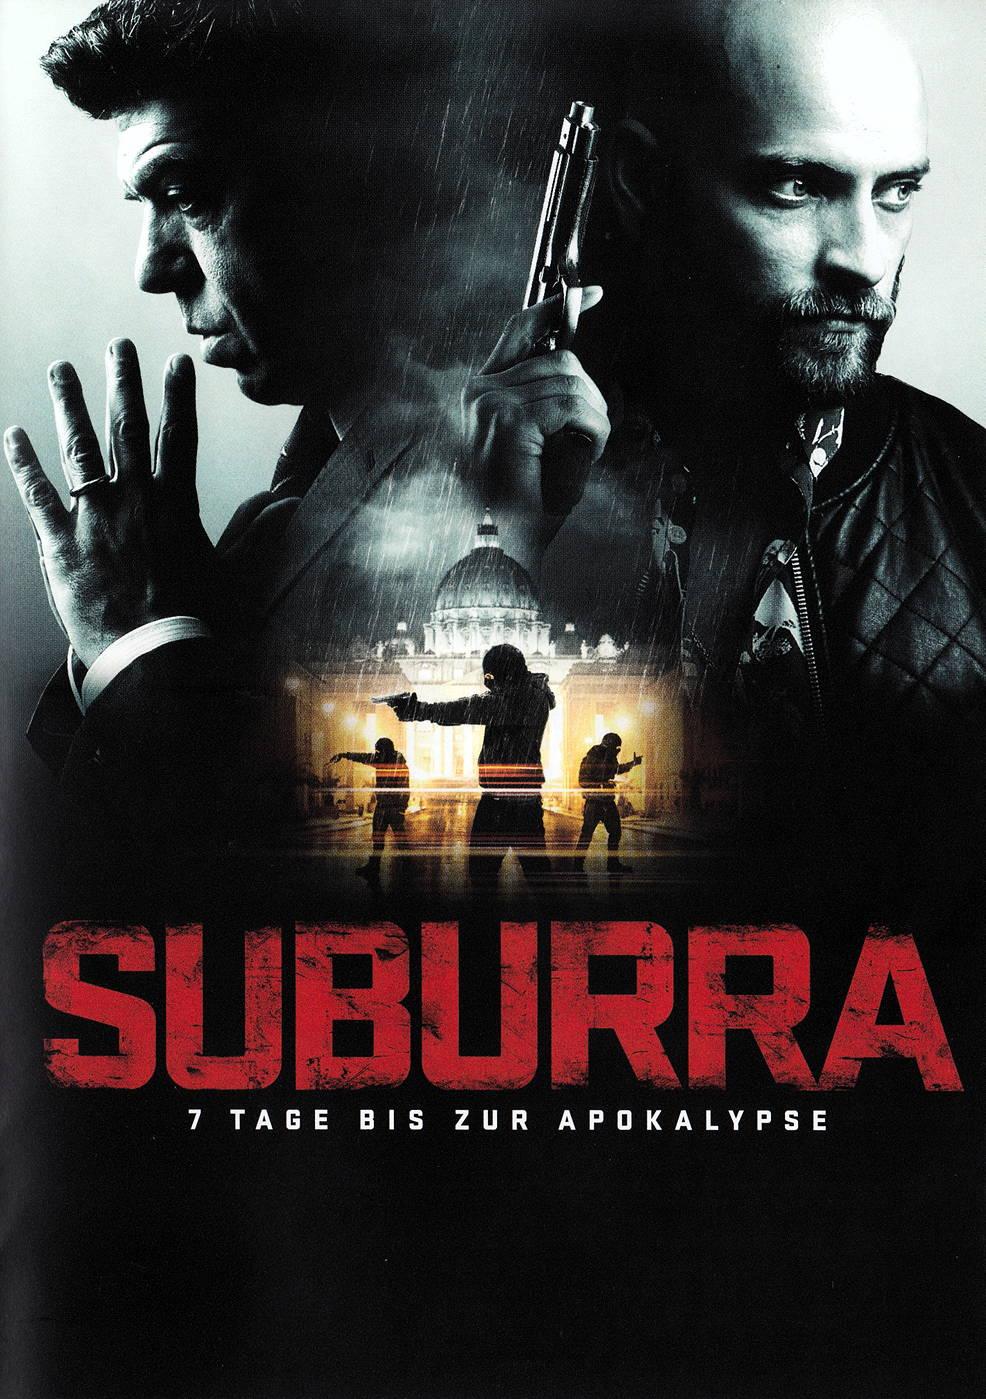 film suburra 7 tage bis zur apokalypse auf dvd oder blu. Black Bedroom Furniture Sets. Home Design Ideas